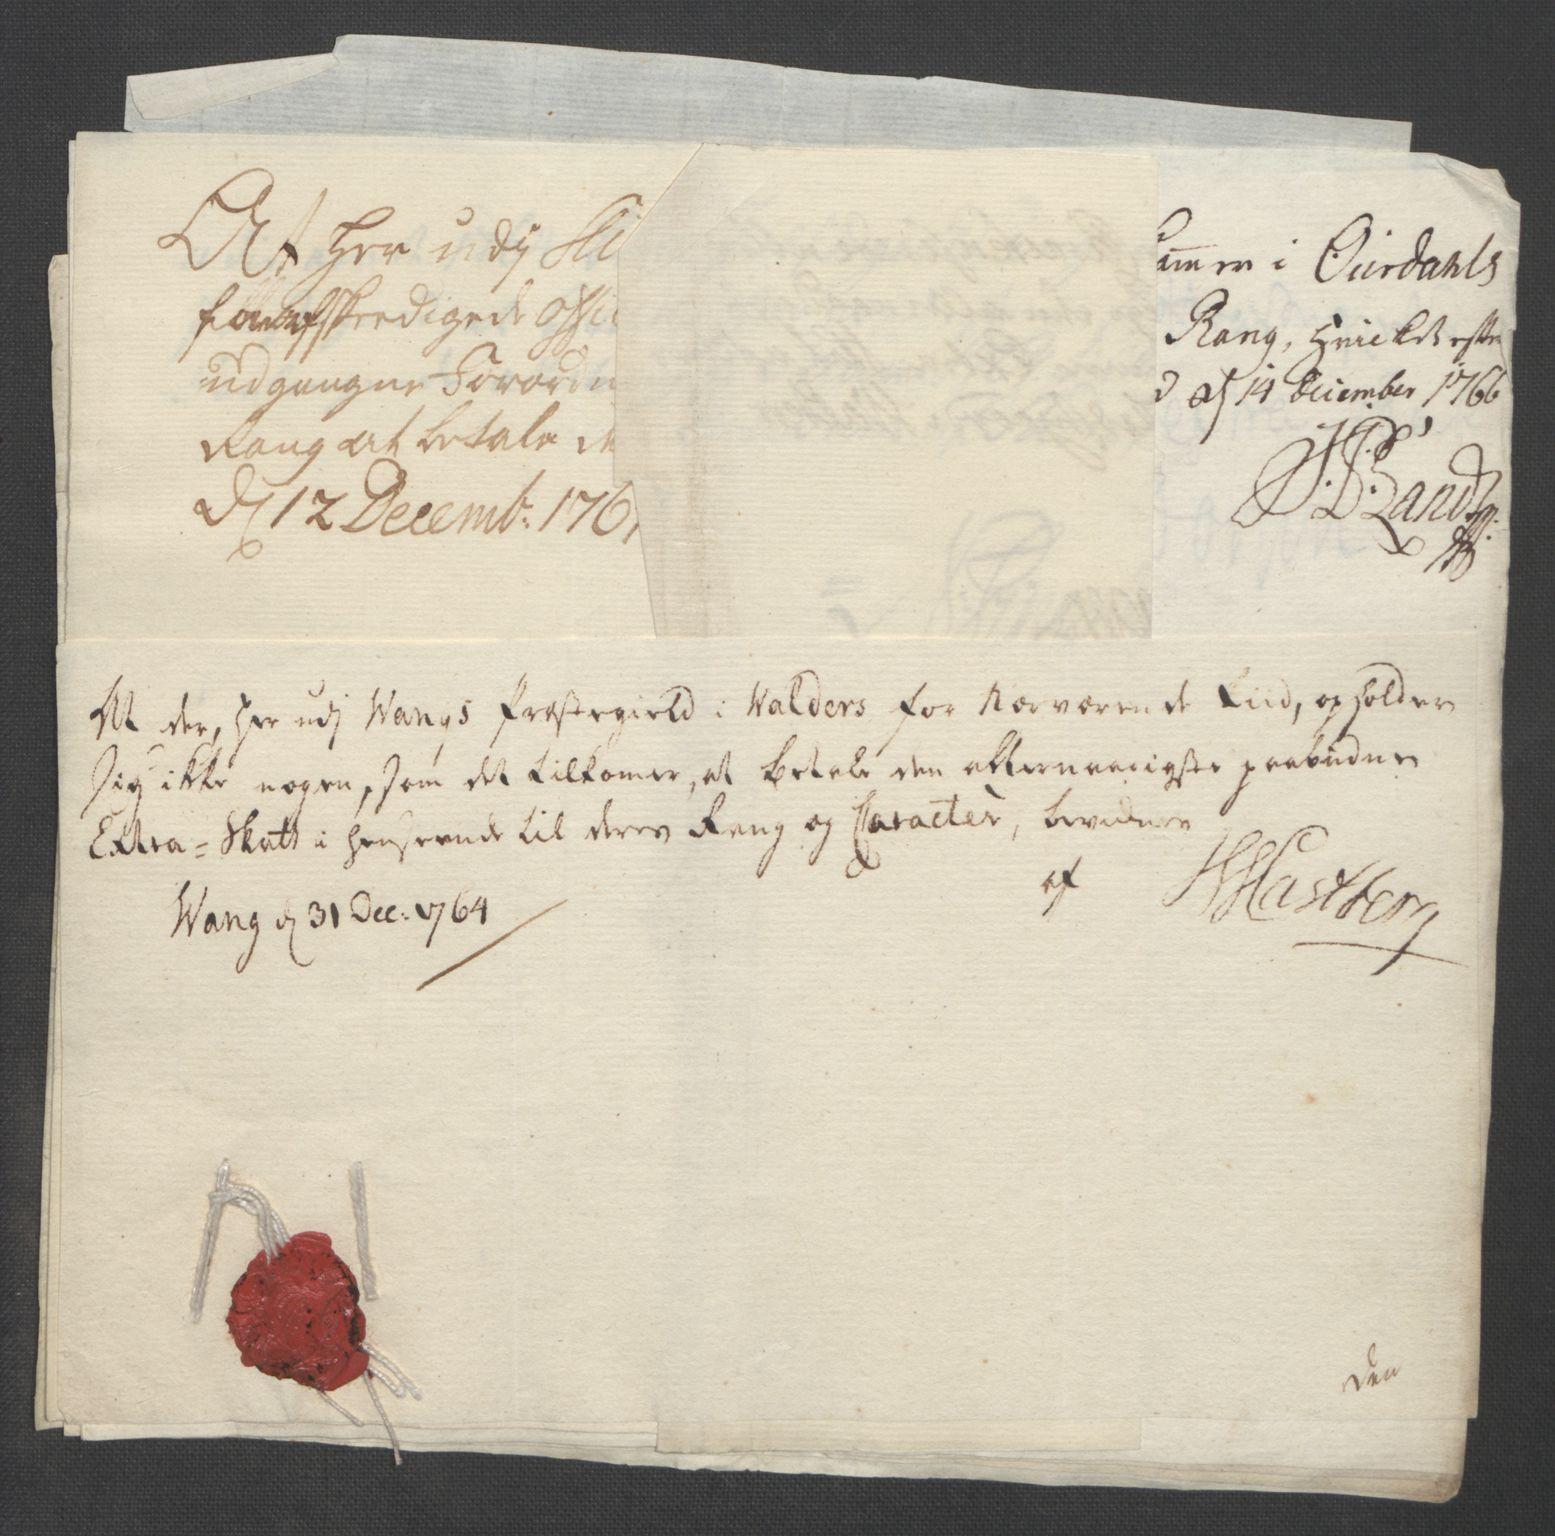 RA, Rentekammeret inntil 1814, Reviderte regnskaper, Fogderegnskap, R19/L1399: Fogderegnskap Toten, Hadeland og Vardal, 1762-1783, s. 65